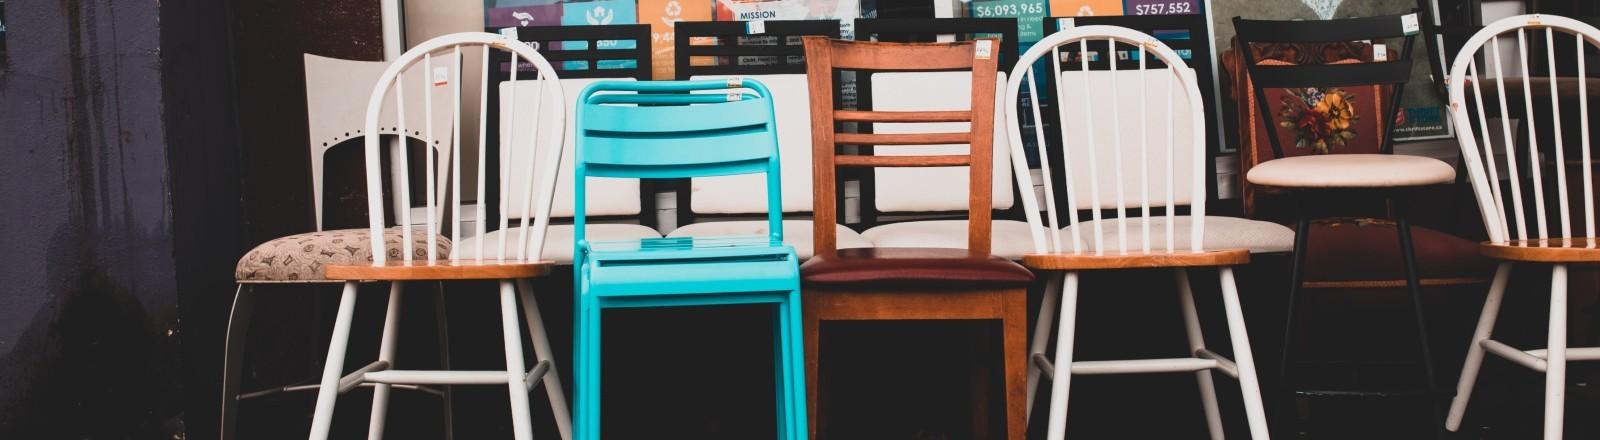 Gebrauchte Stühle stehen vor einem Laden zum Verkauf.